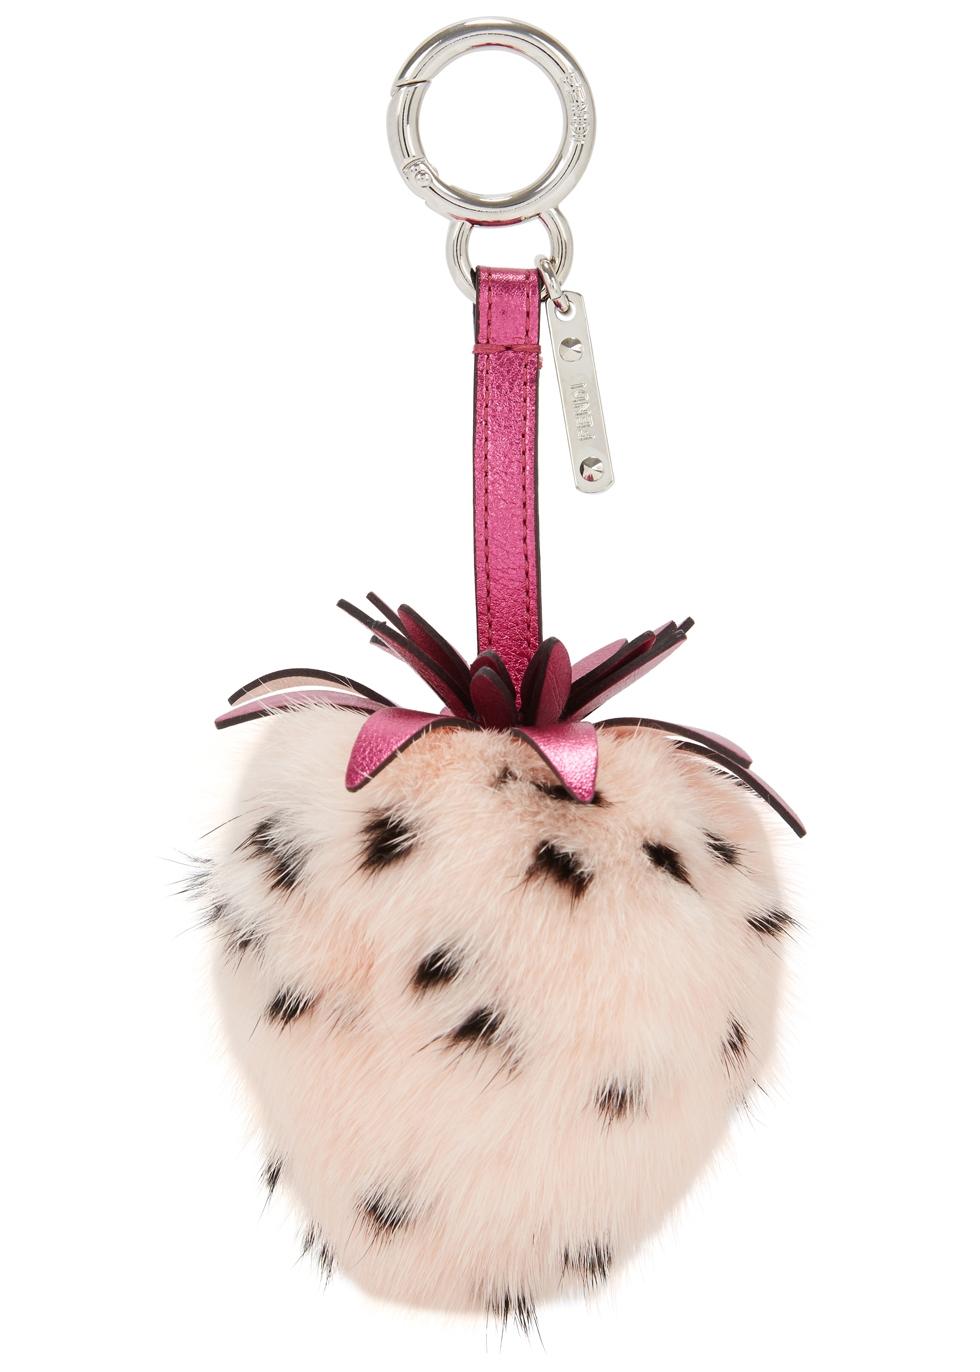 ae5a5ac43666 ... get fendi fruits strawberry bag charm fendi 24600 fd7ae